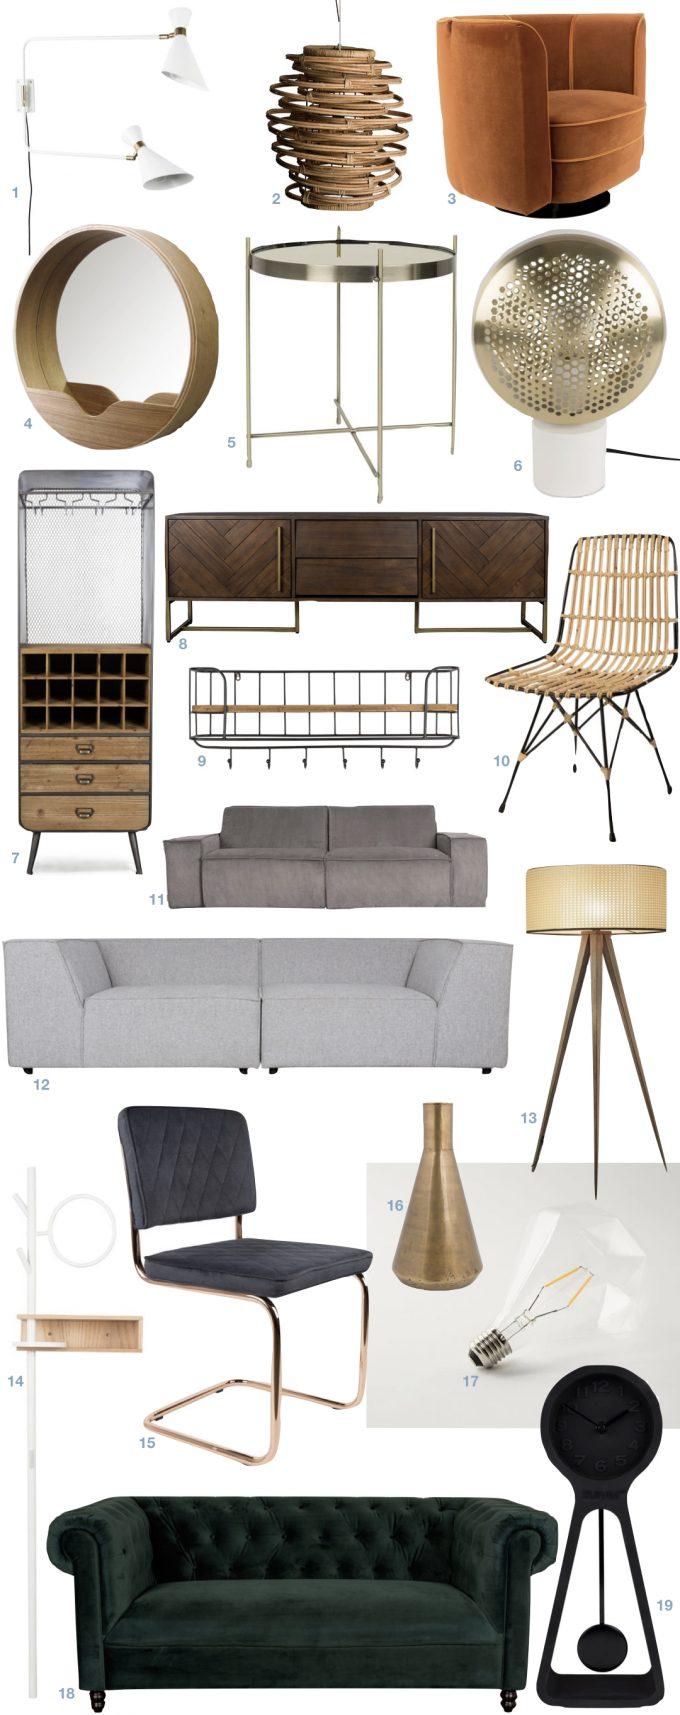 zuiver meubles hollandais design bon rapport qualité prix - blog deco - Clem Around The Corner